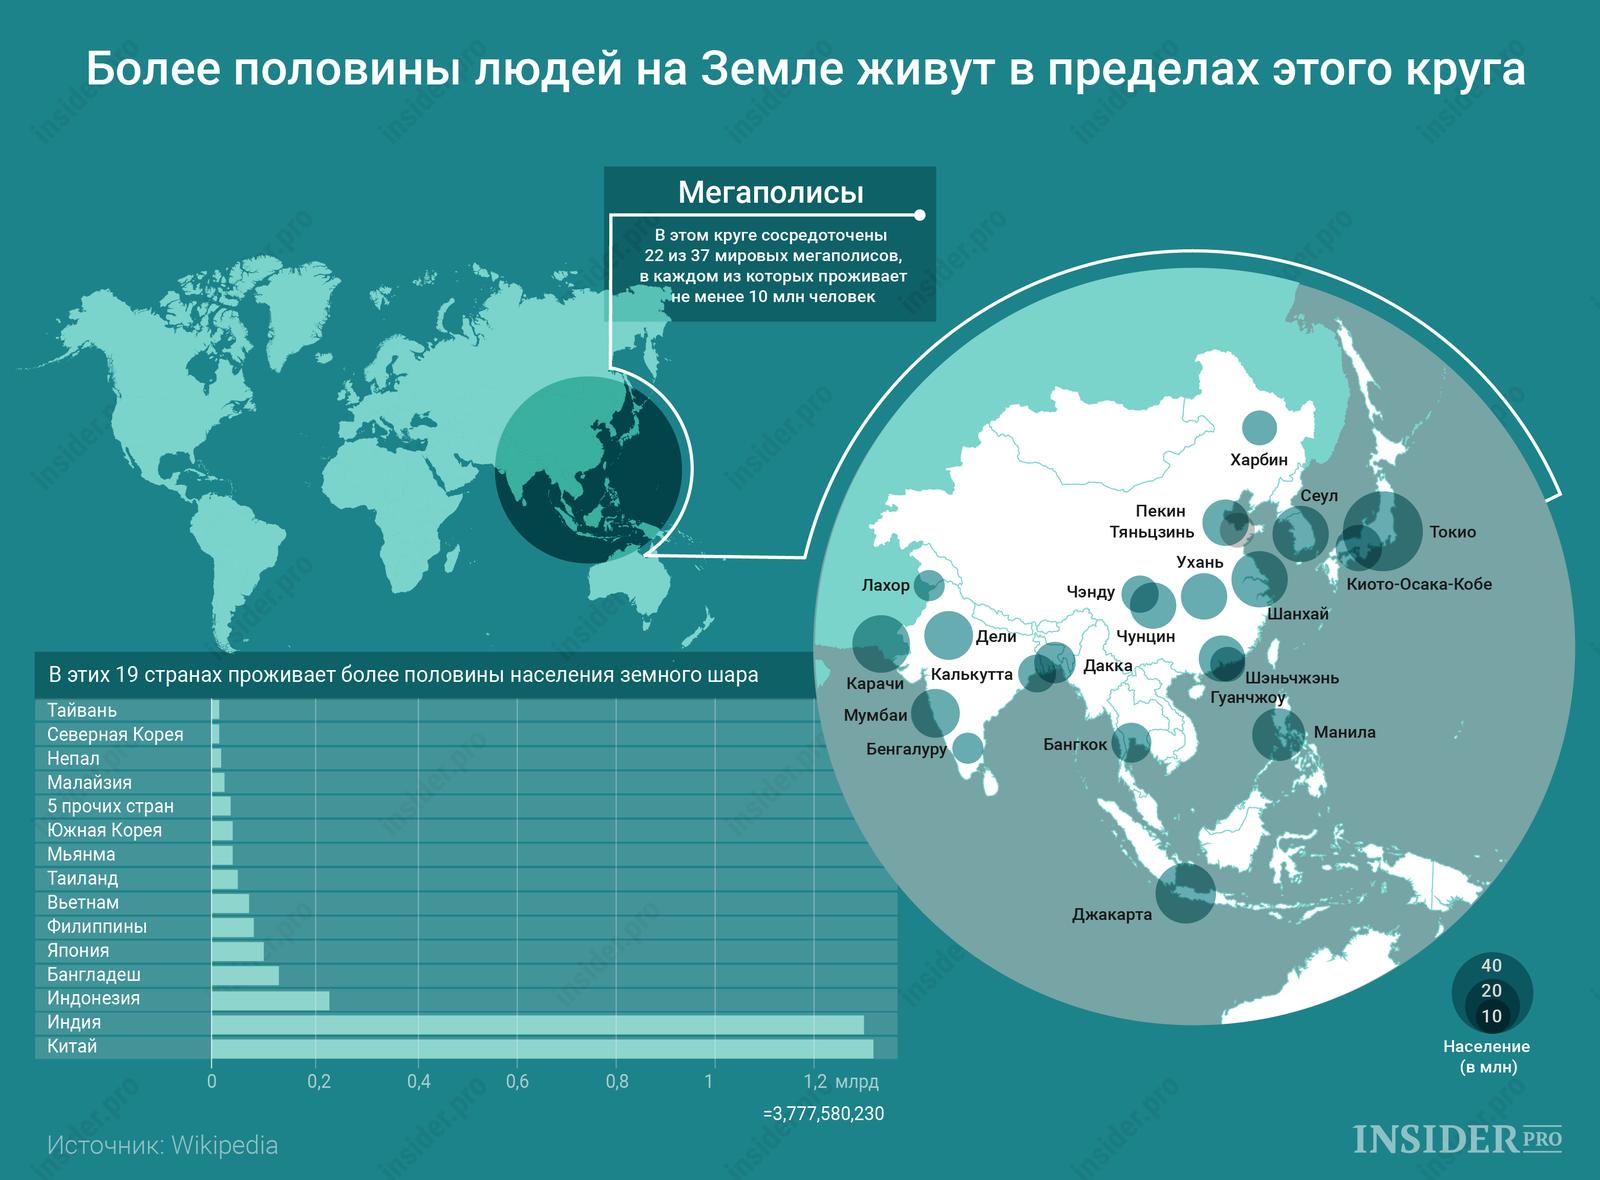 График дня: Половина населения Земли живет здесь